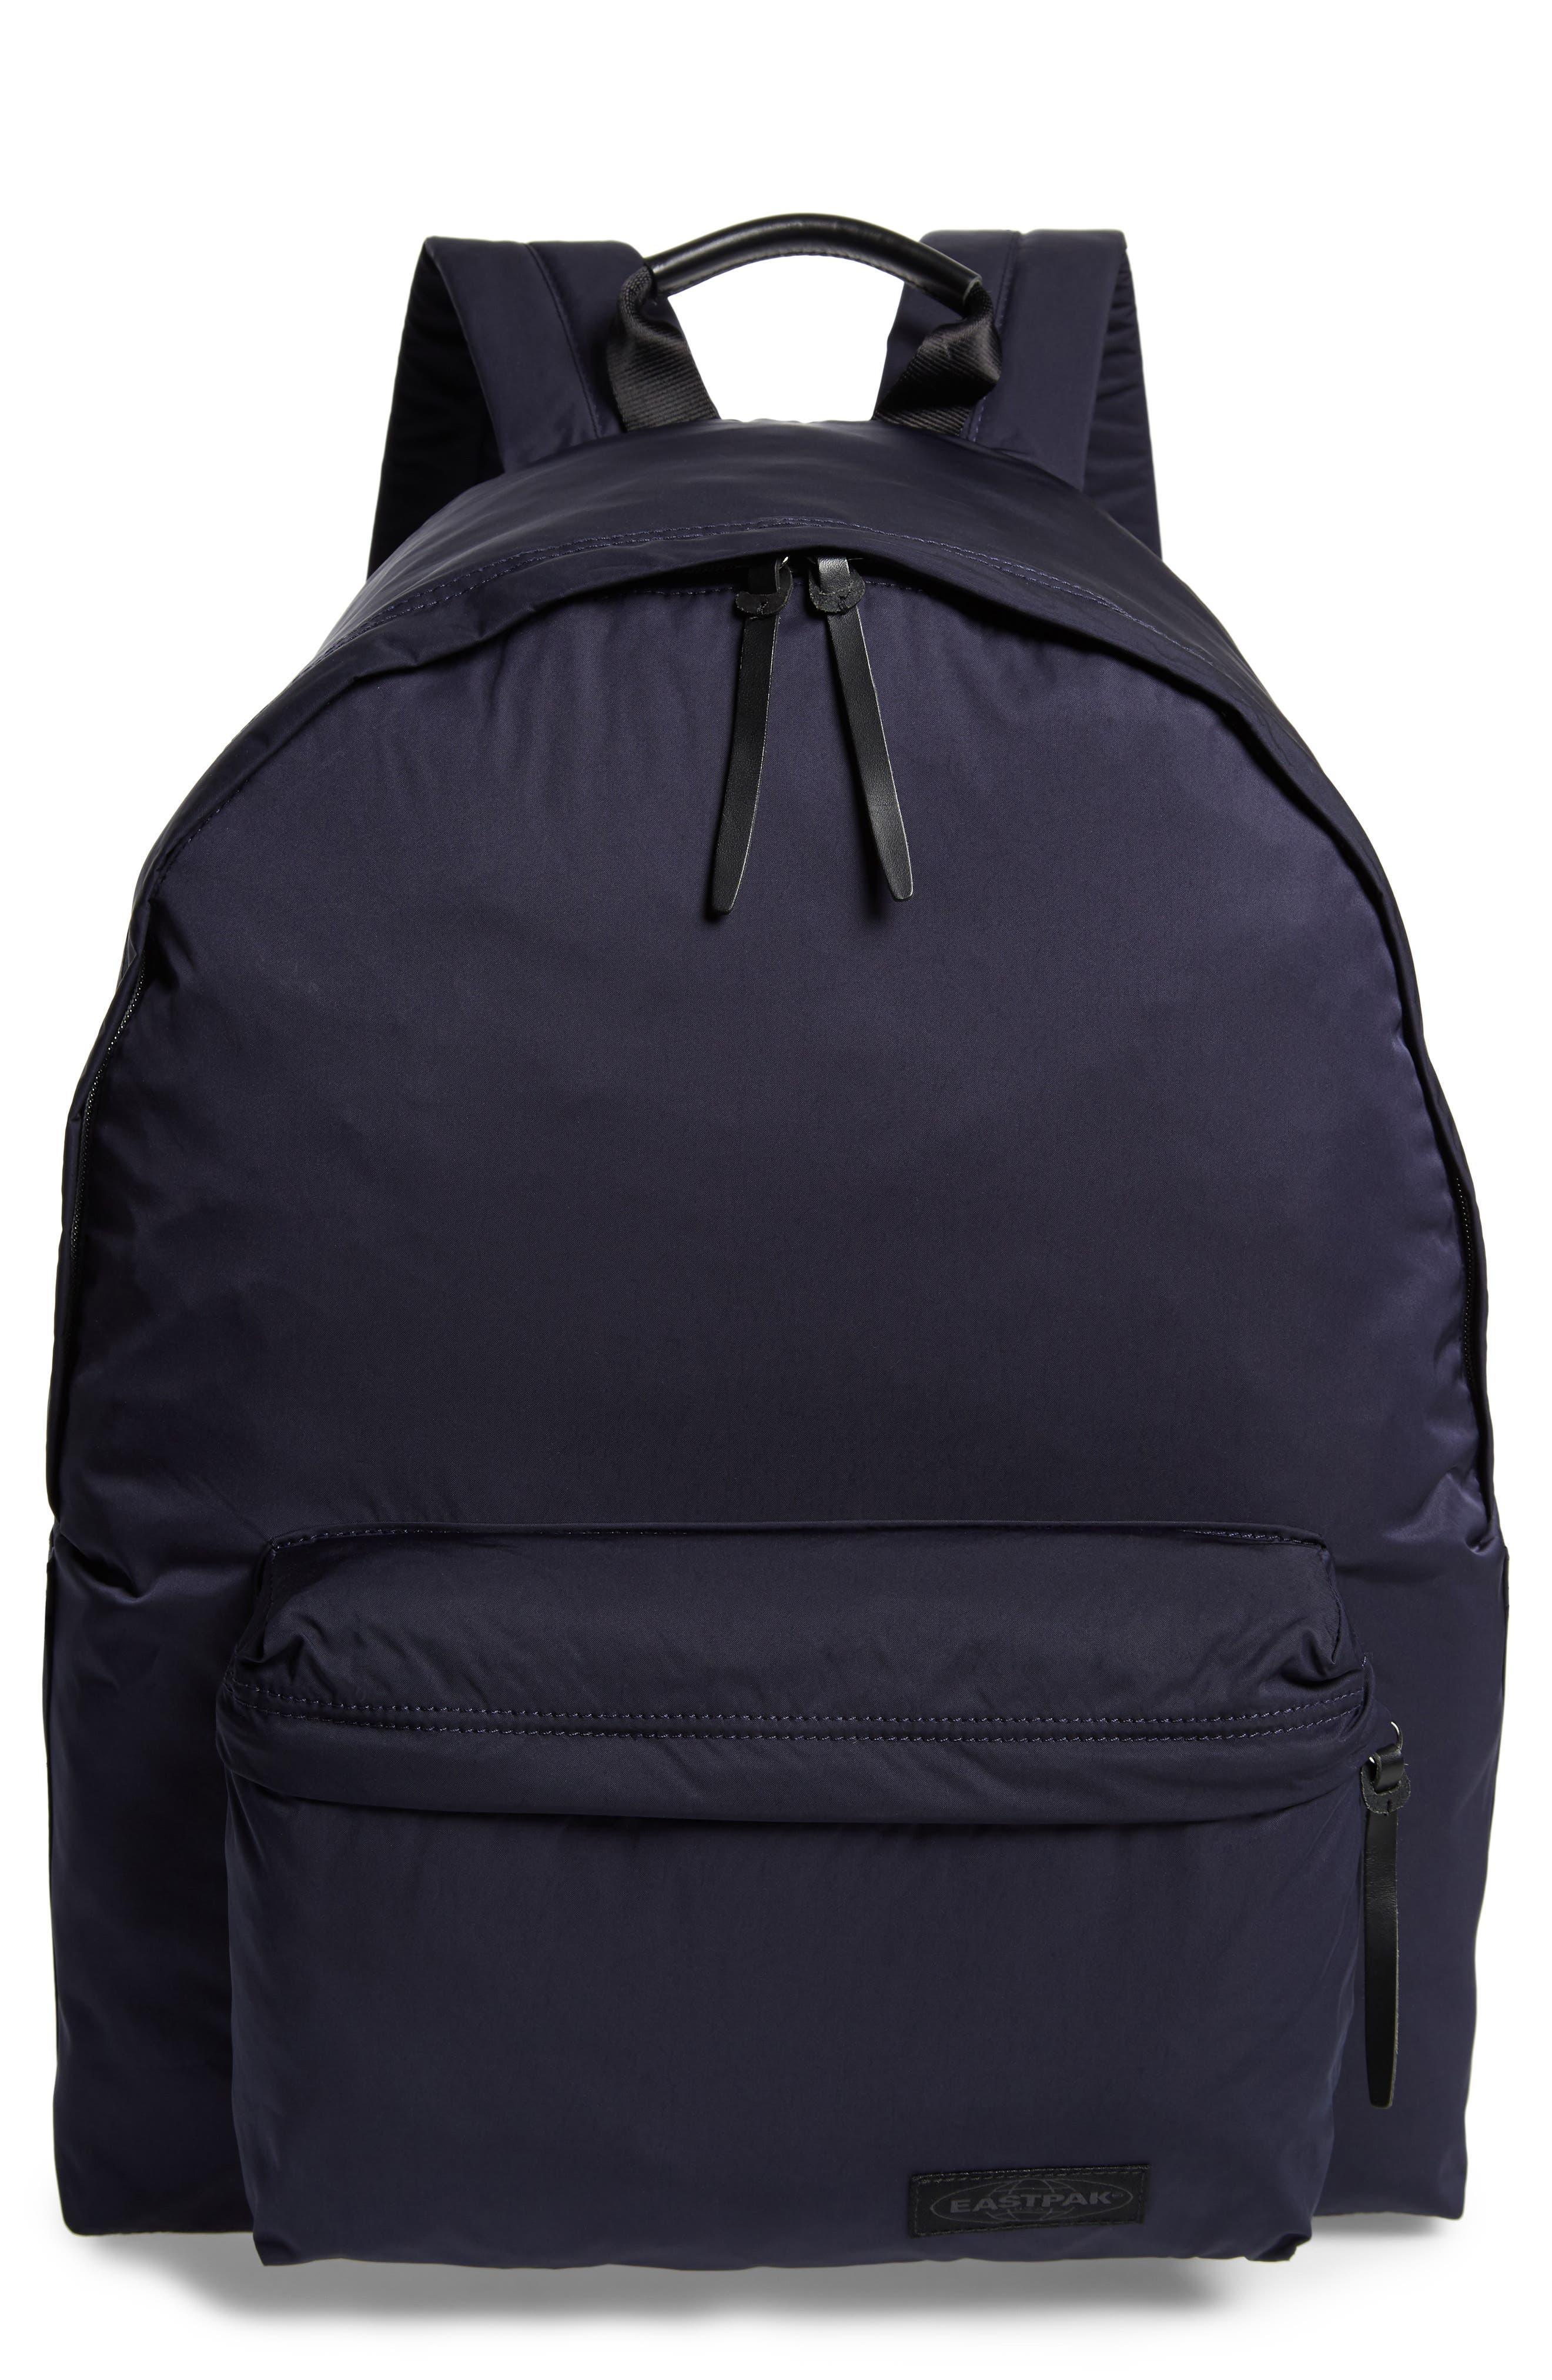 Eastpak Padded Pakr Xl Backpack - Blue